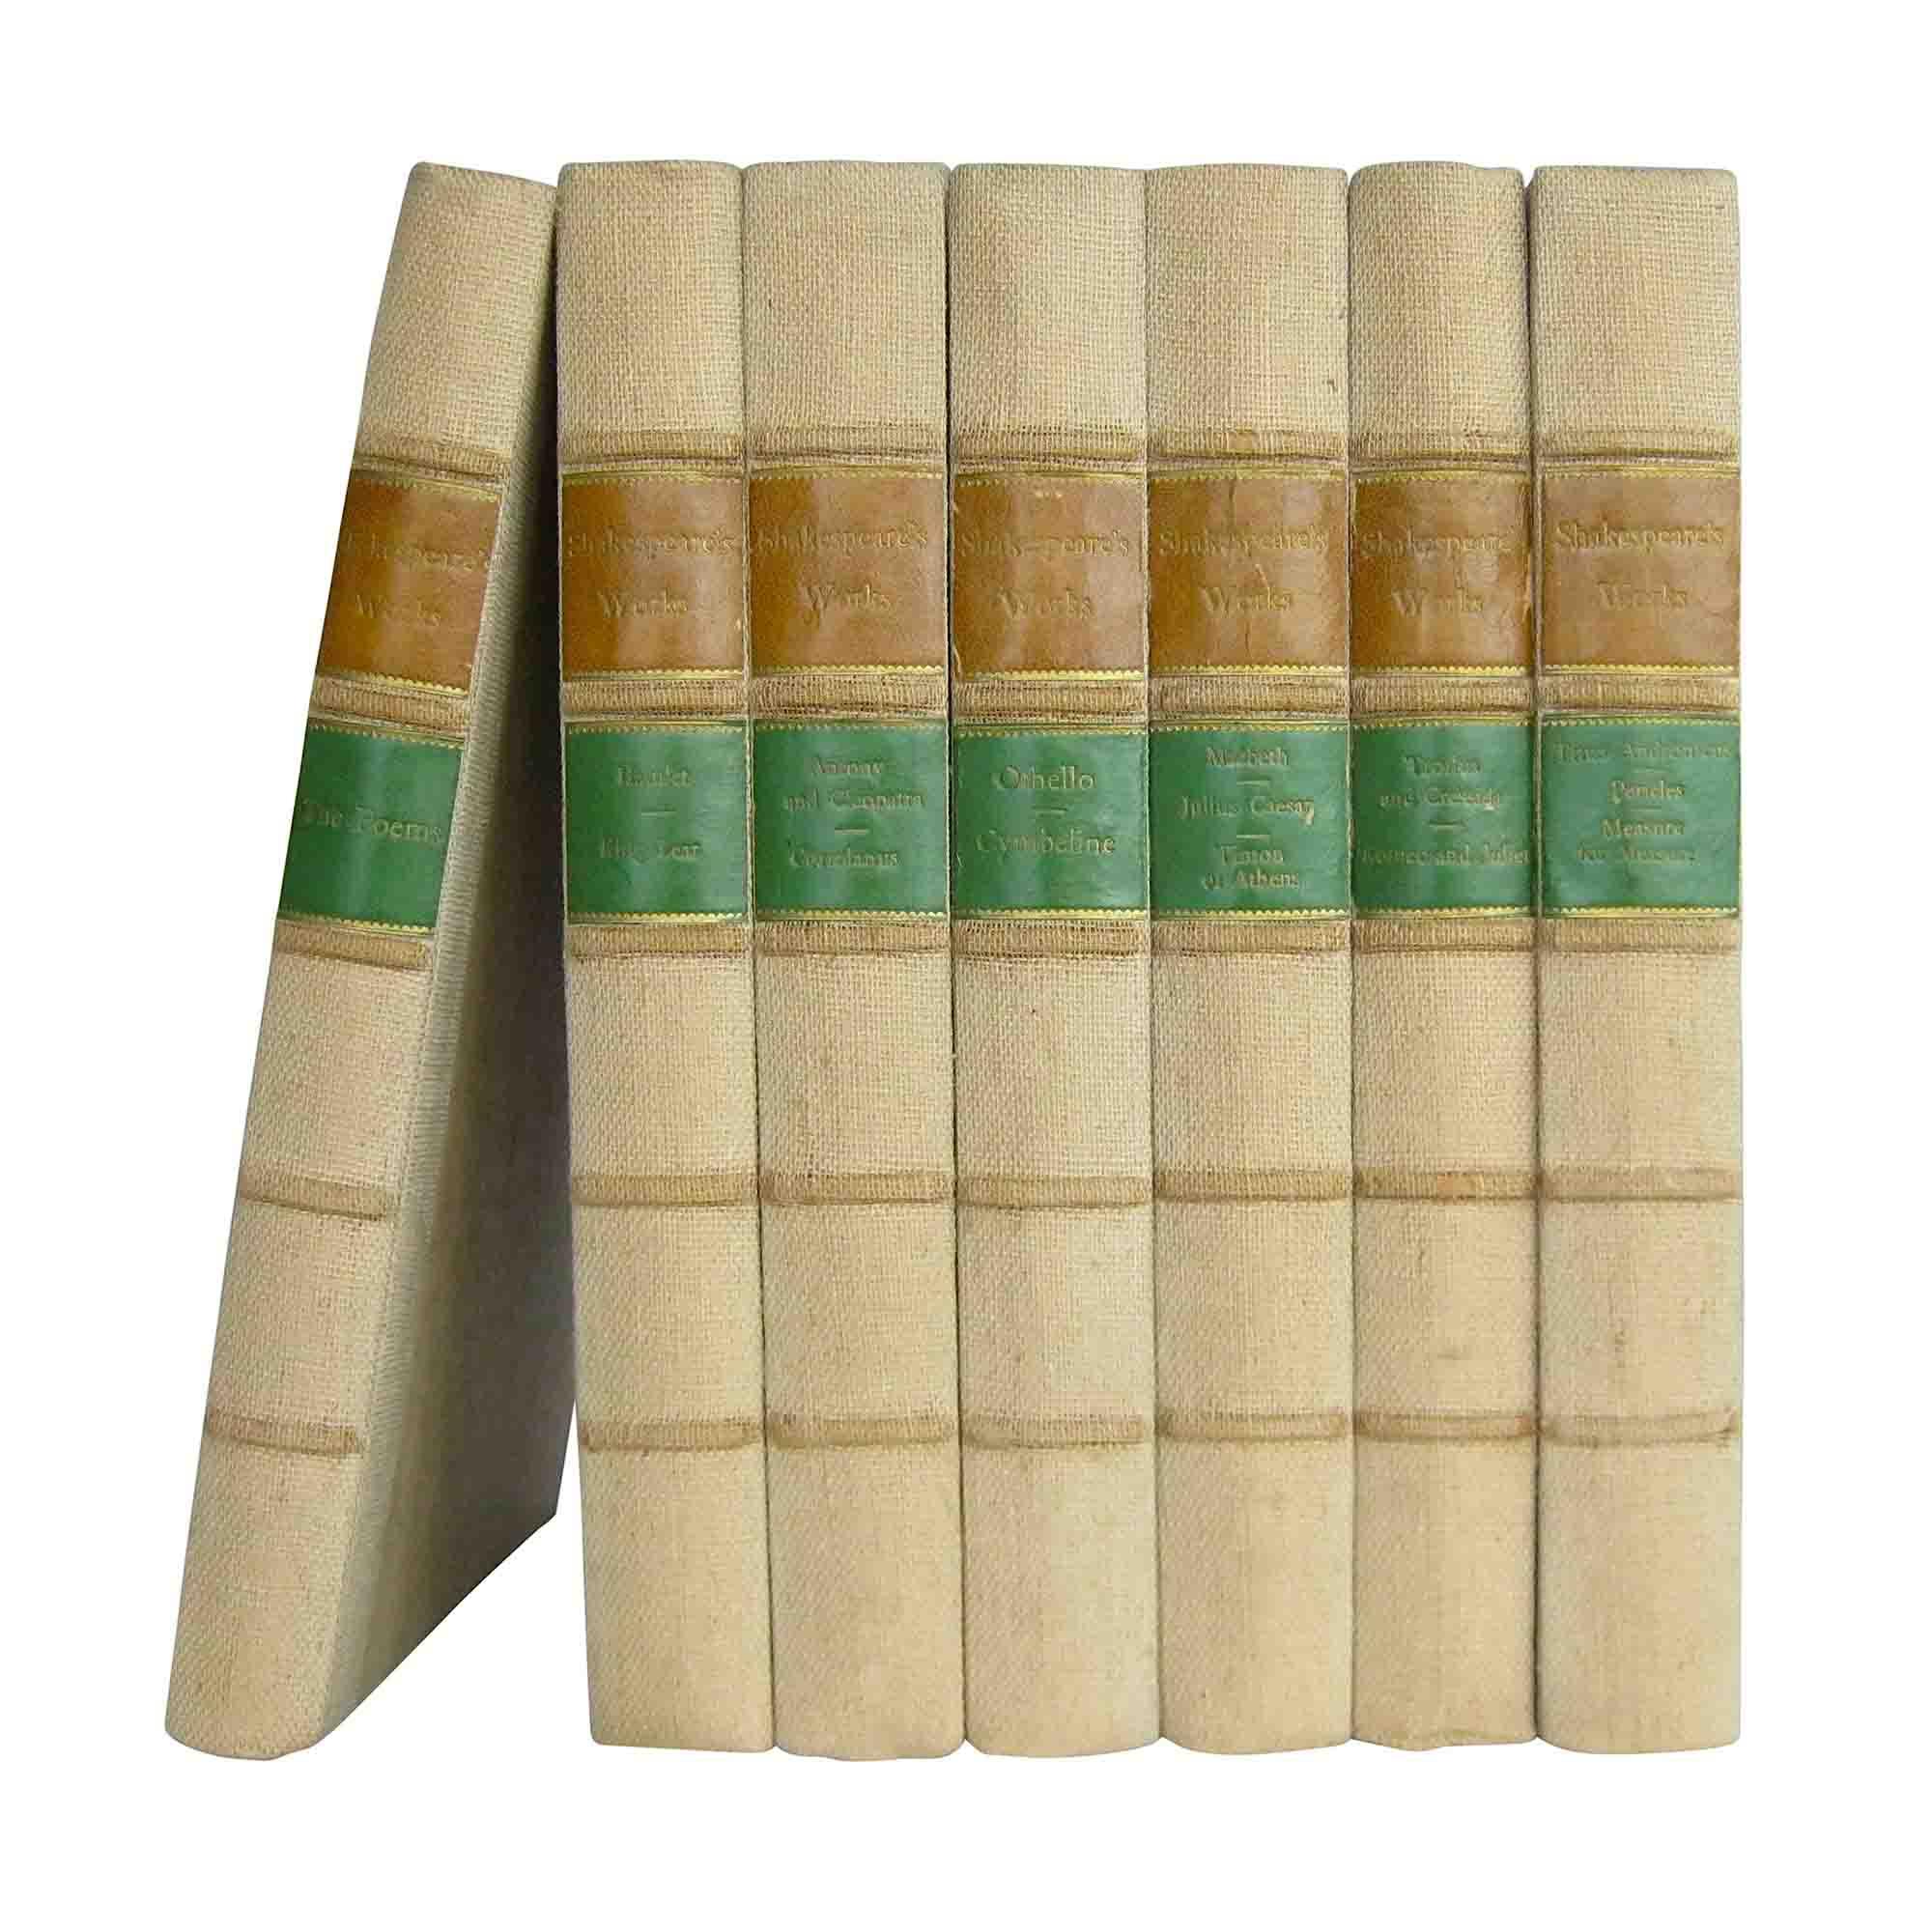 Shakespeare-Works-Ernst-Ludwig-Presse-1925-1931-Einbaende-N.jpg